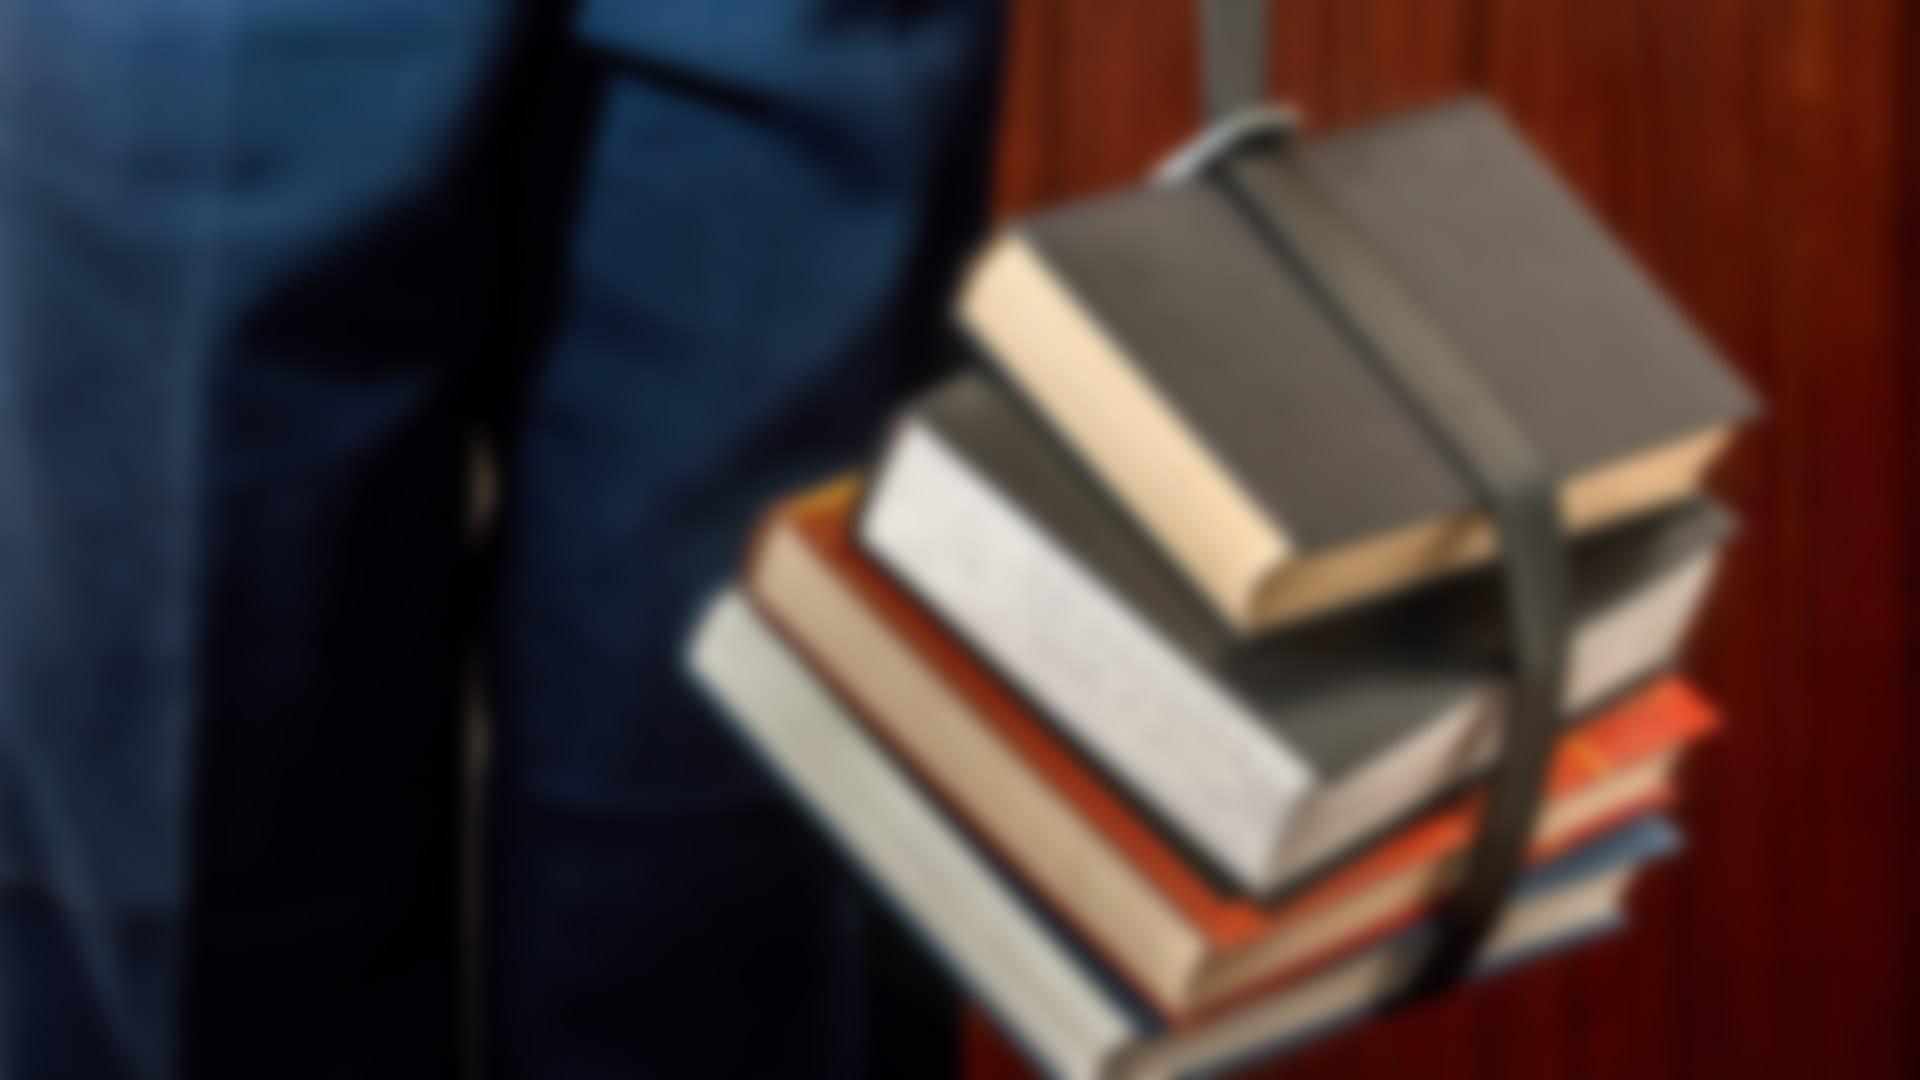 Zagotavljanje proračunskih sredstev za izvajanje sporazuma s SAZOR